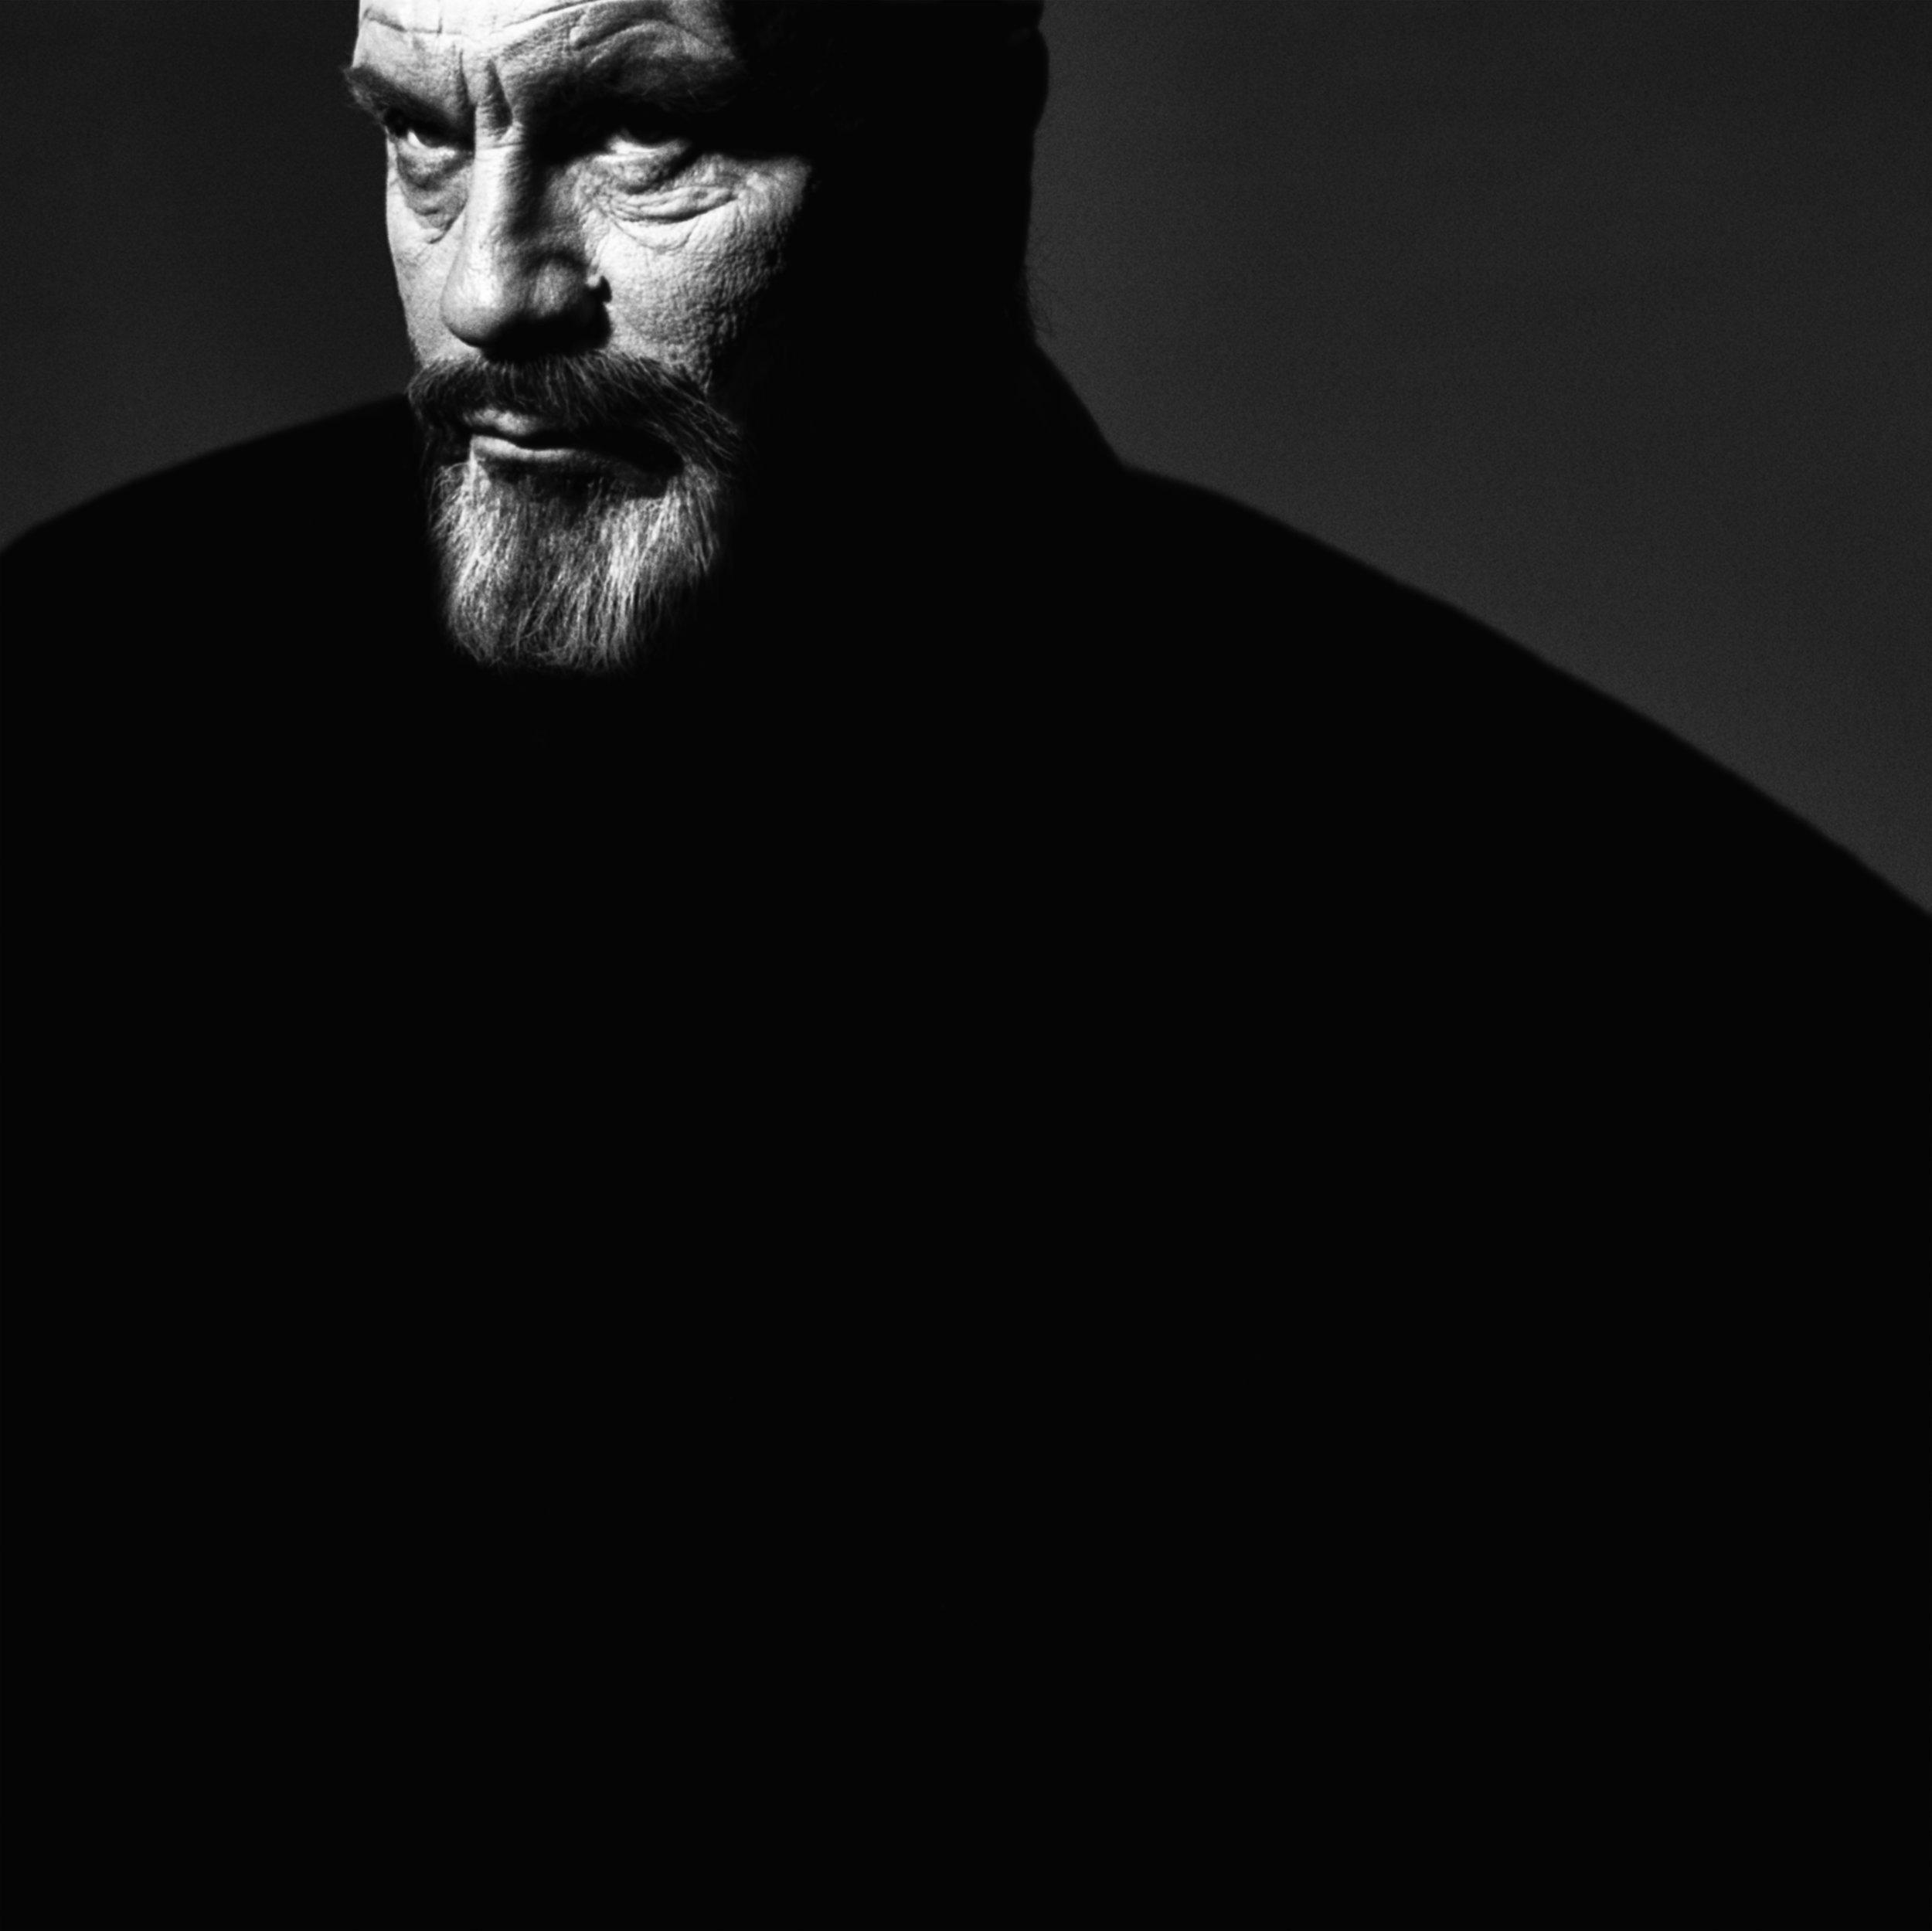 Victor Skrebneski / Orson Welles, Actor, 30 October (1970), Los Angeles Studio, 2014